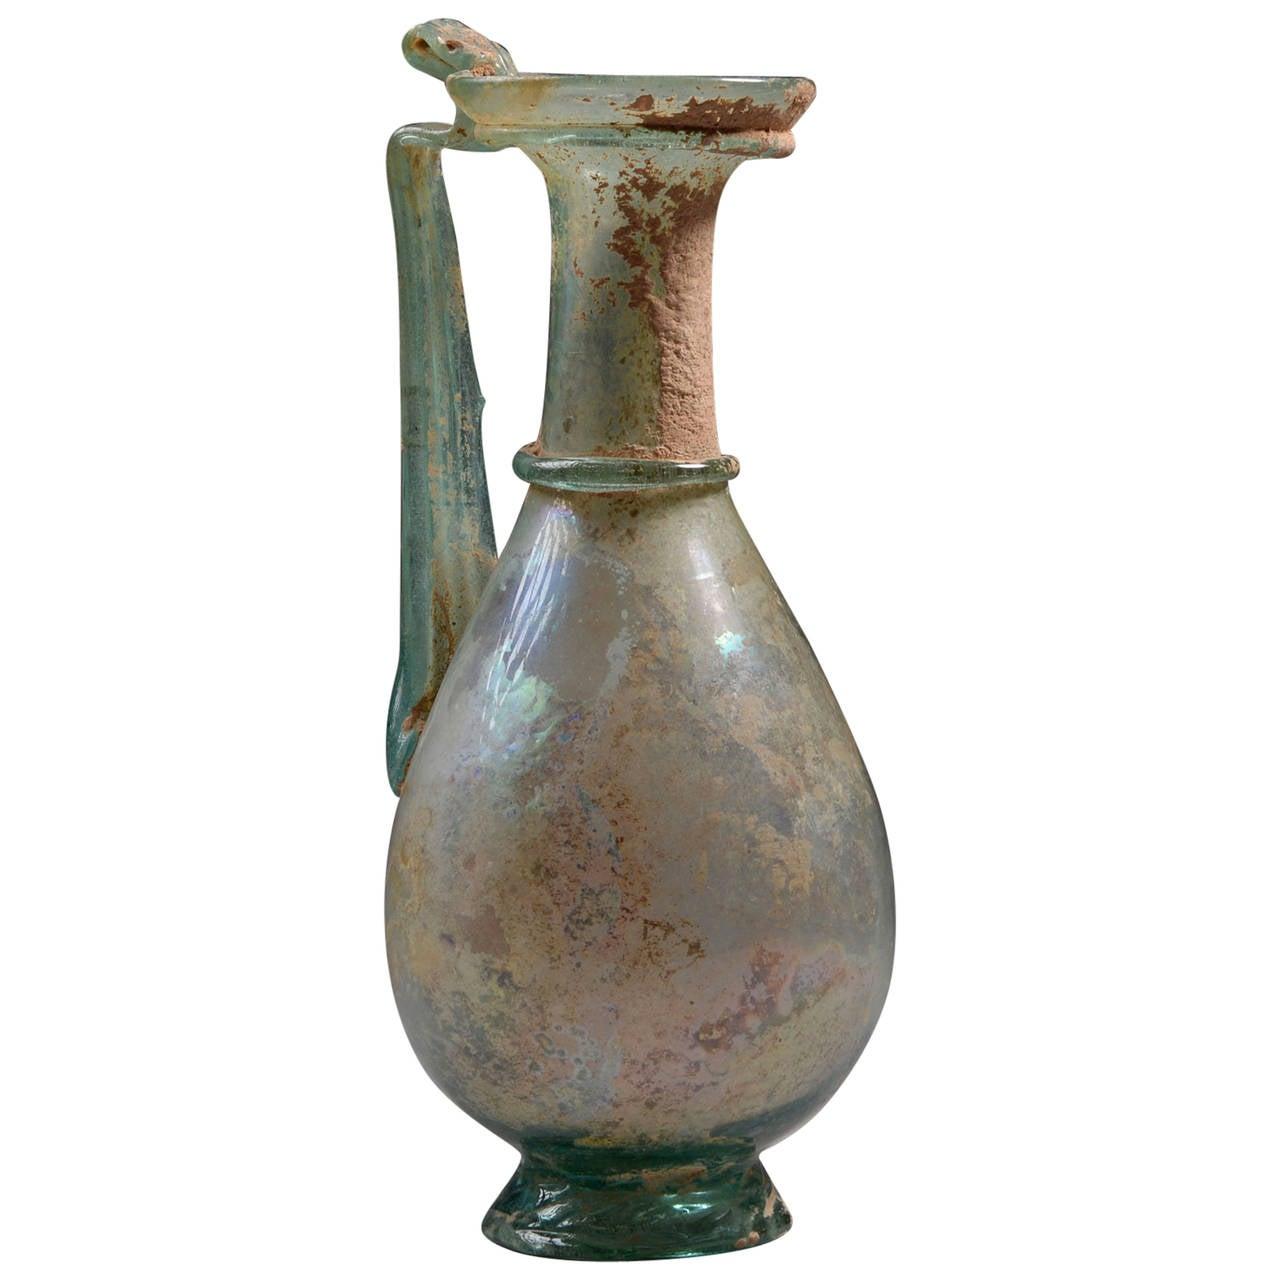 Elegant ancient roman green glass jug 2nd century ad for sale at elegant ancient roman green glass jug 2nd century ad for sale floridaeventfo Gallery